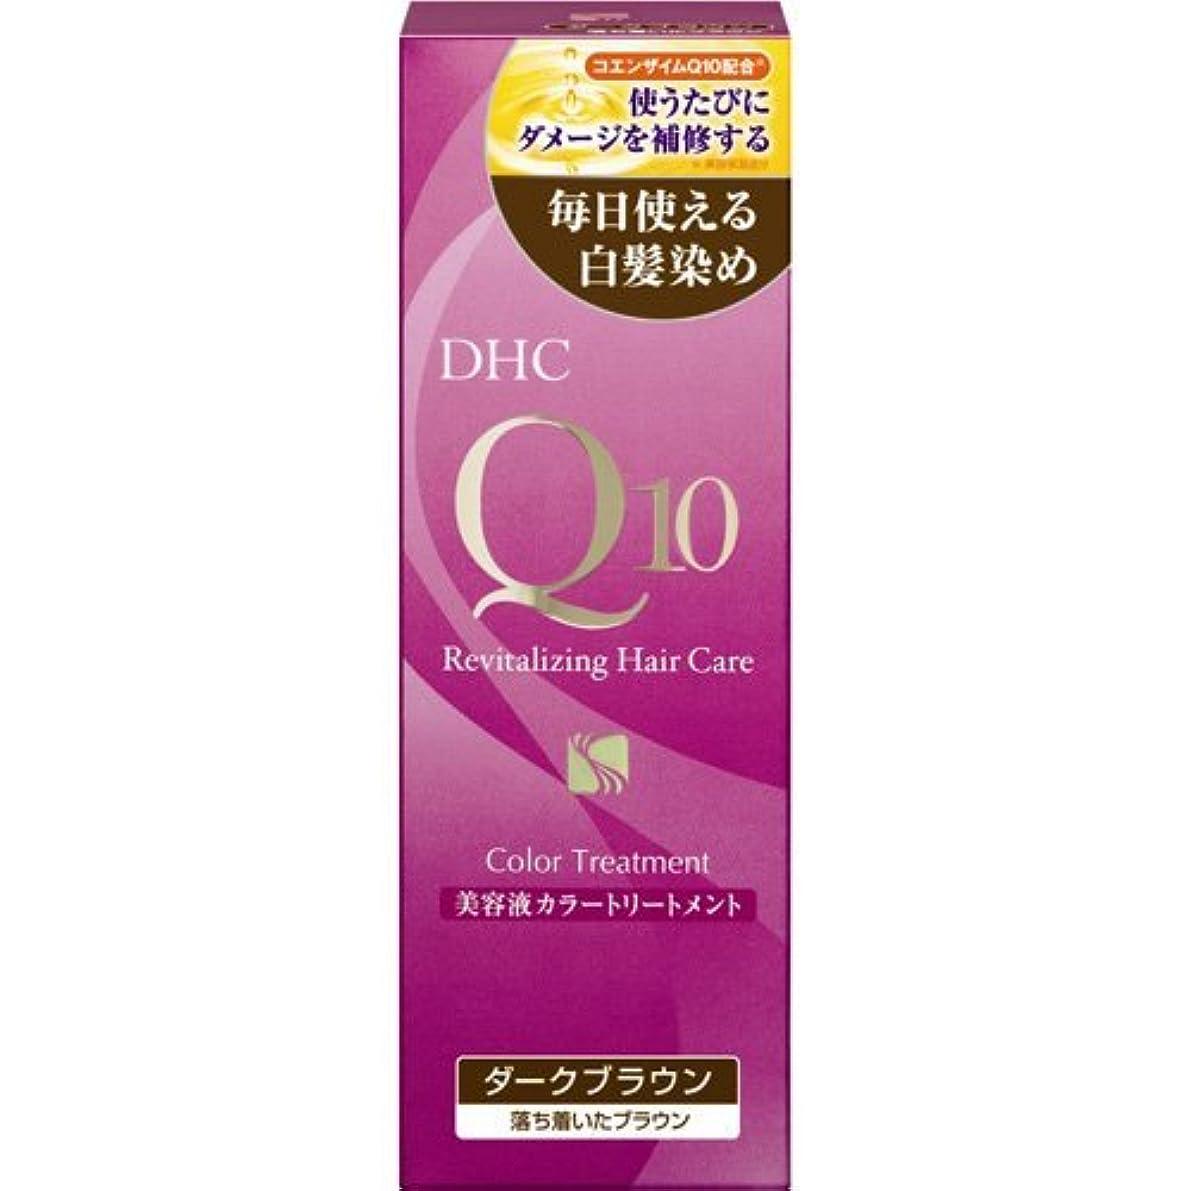 【まとめ買い】DHC Q10美溶液カラートリートメントDブラウンSS170g ×6個